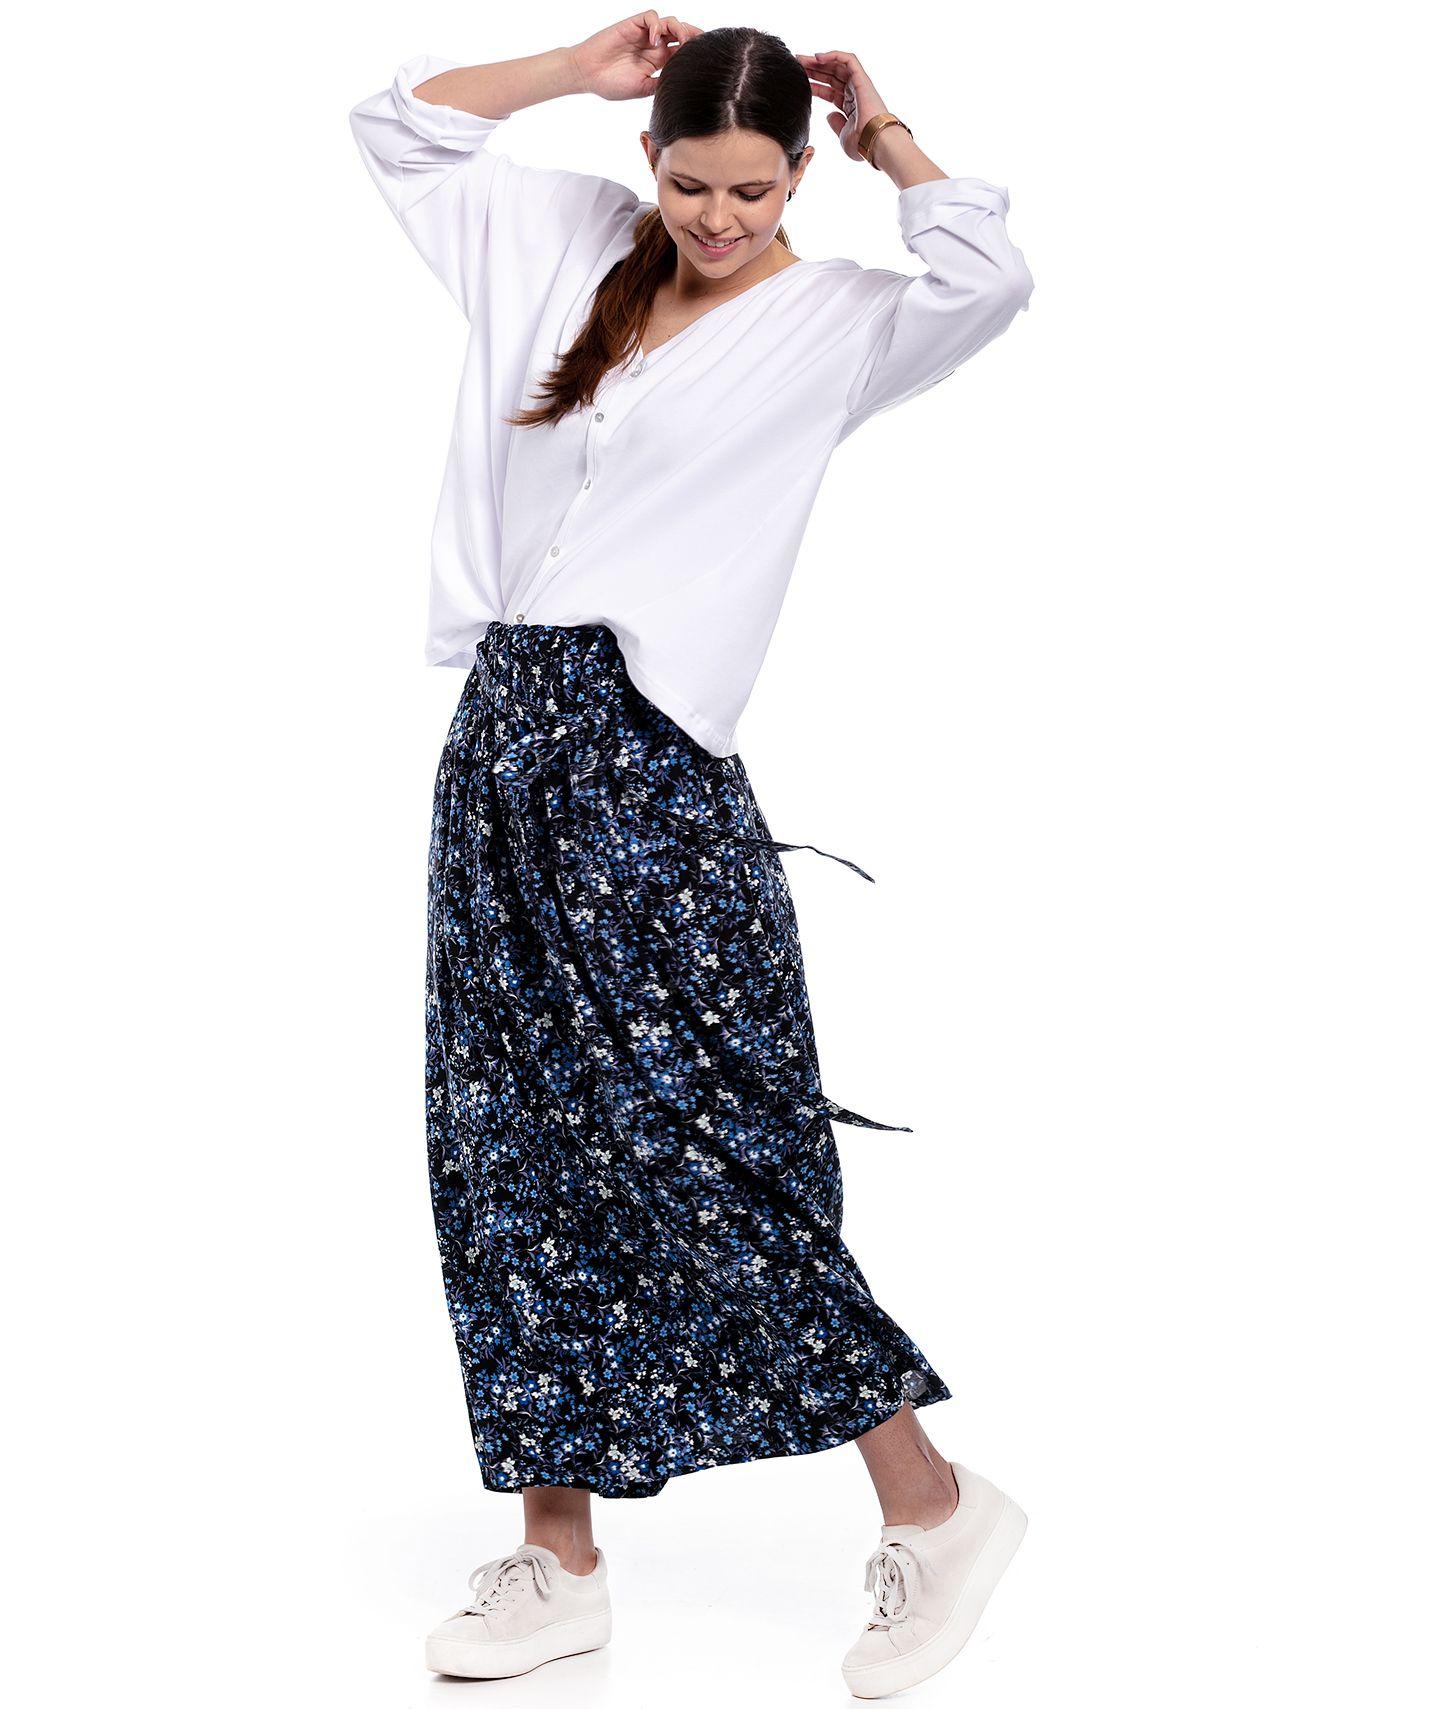 spódnica MIA black skirt